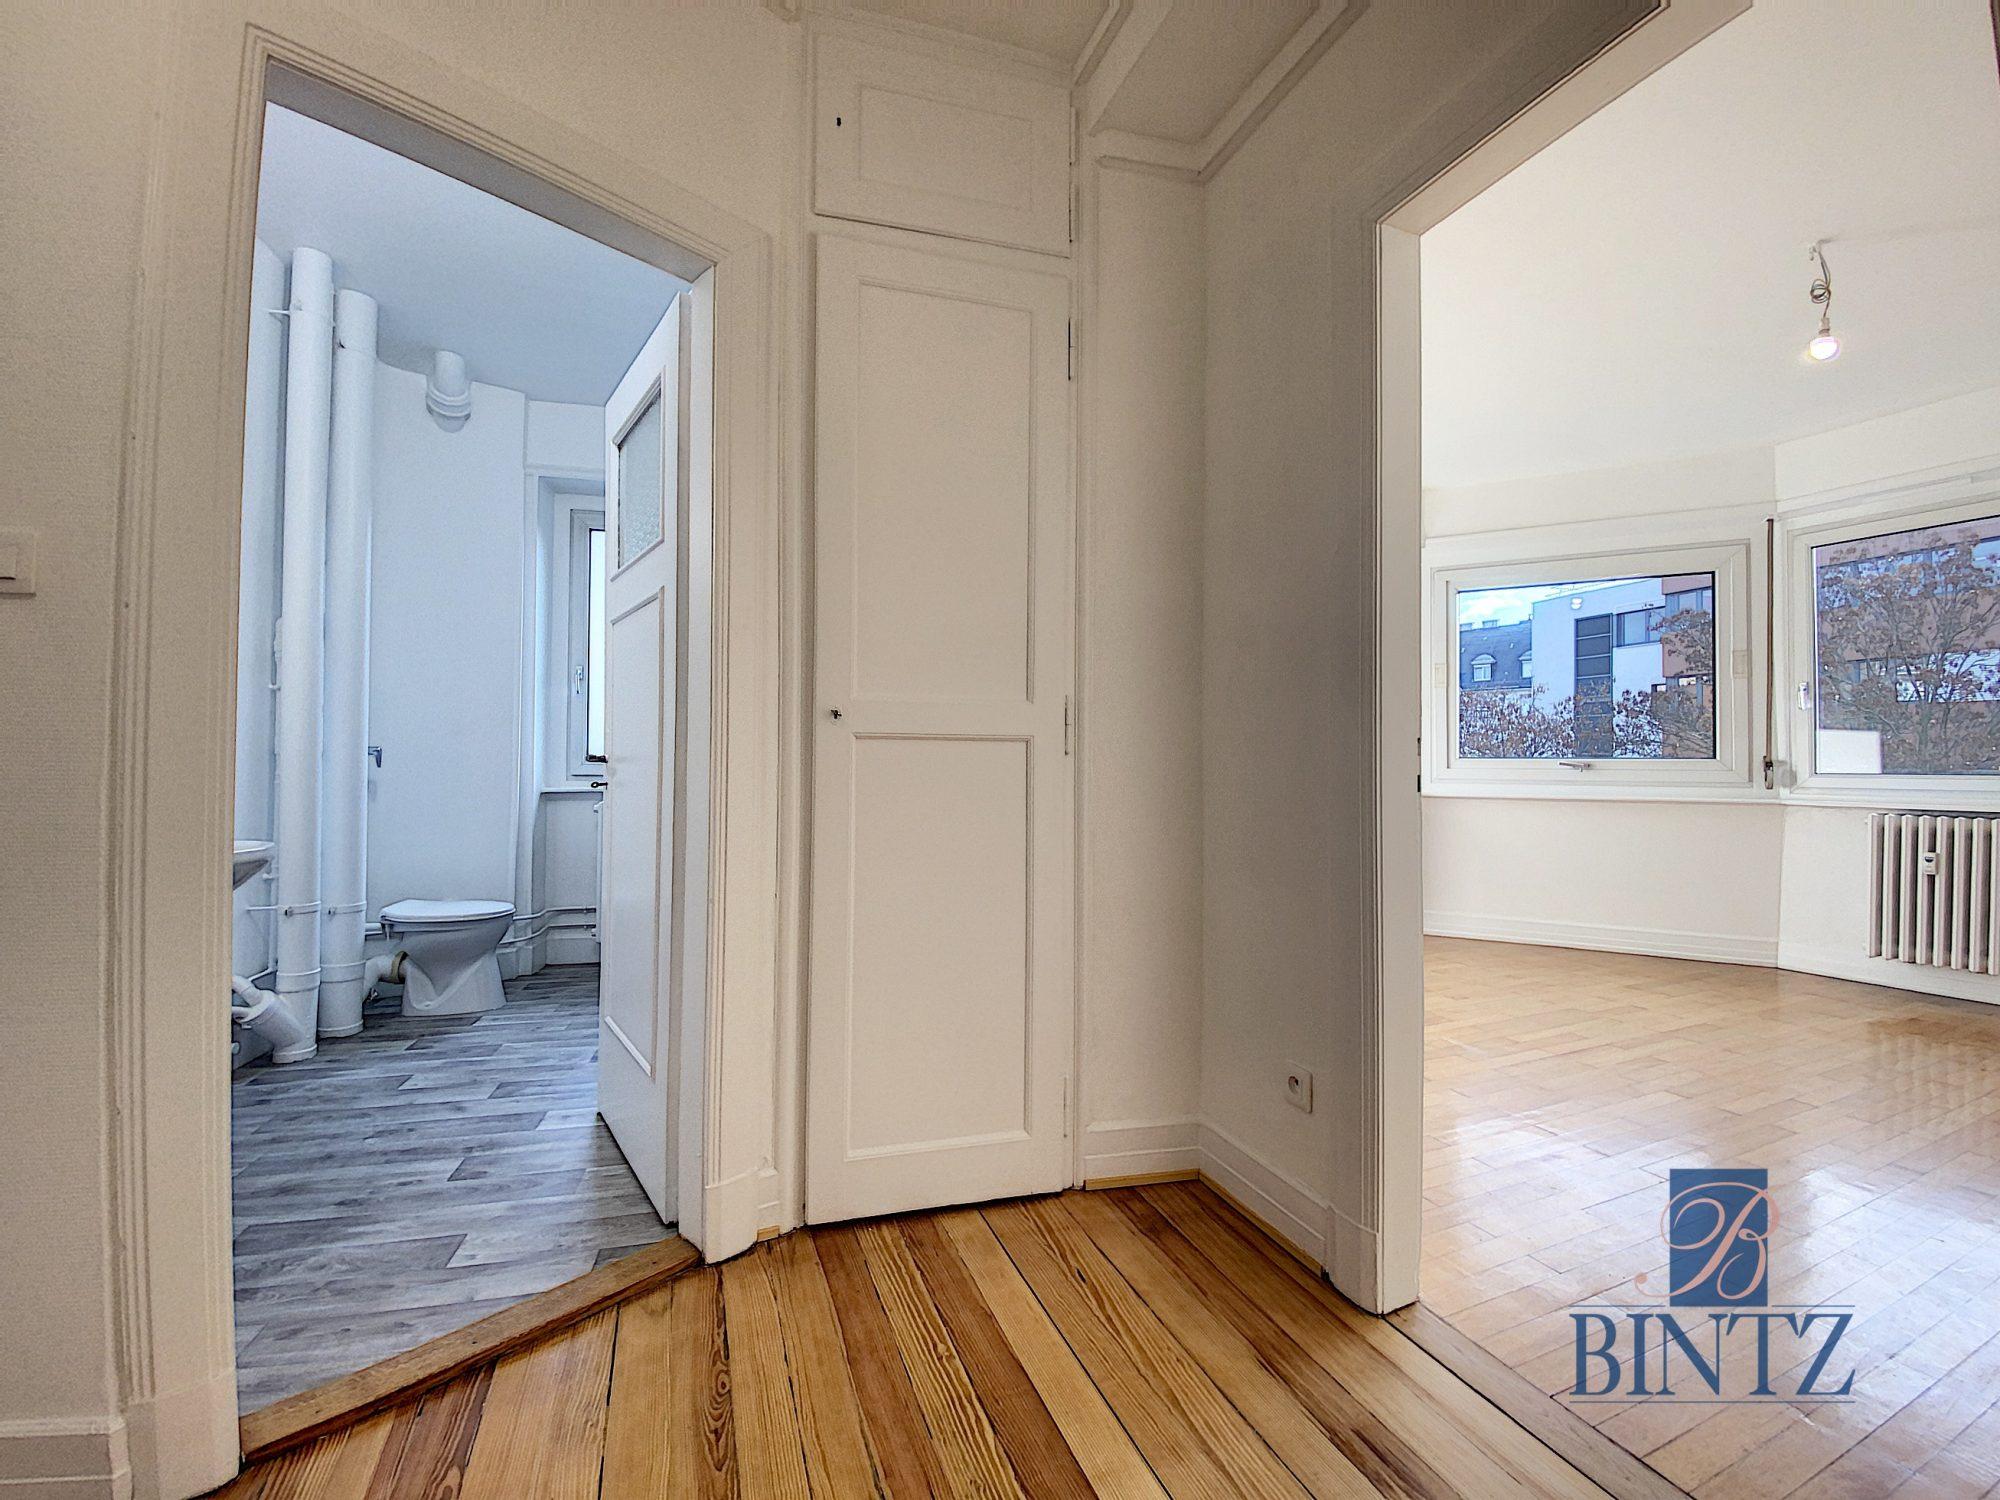 GRAND 1PIÈCE RÉNOVÉ KRUTENAU - Devenez locataire en toute sérénité - Bintz Immobilier - 5